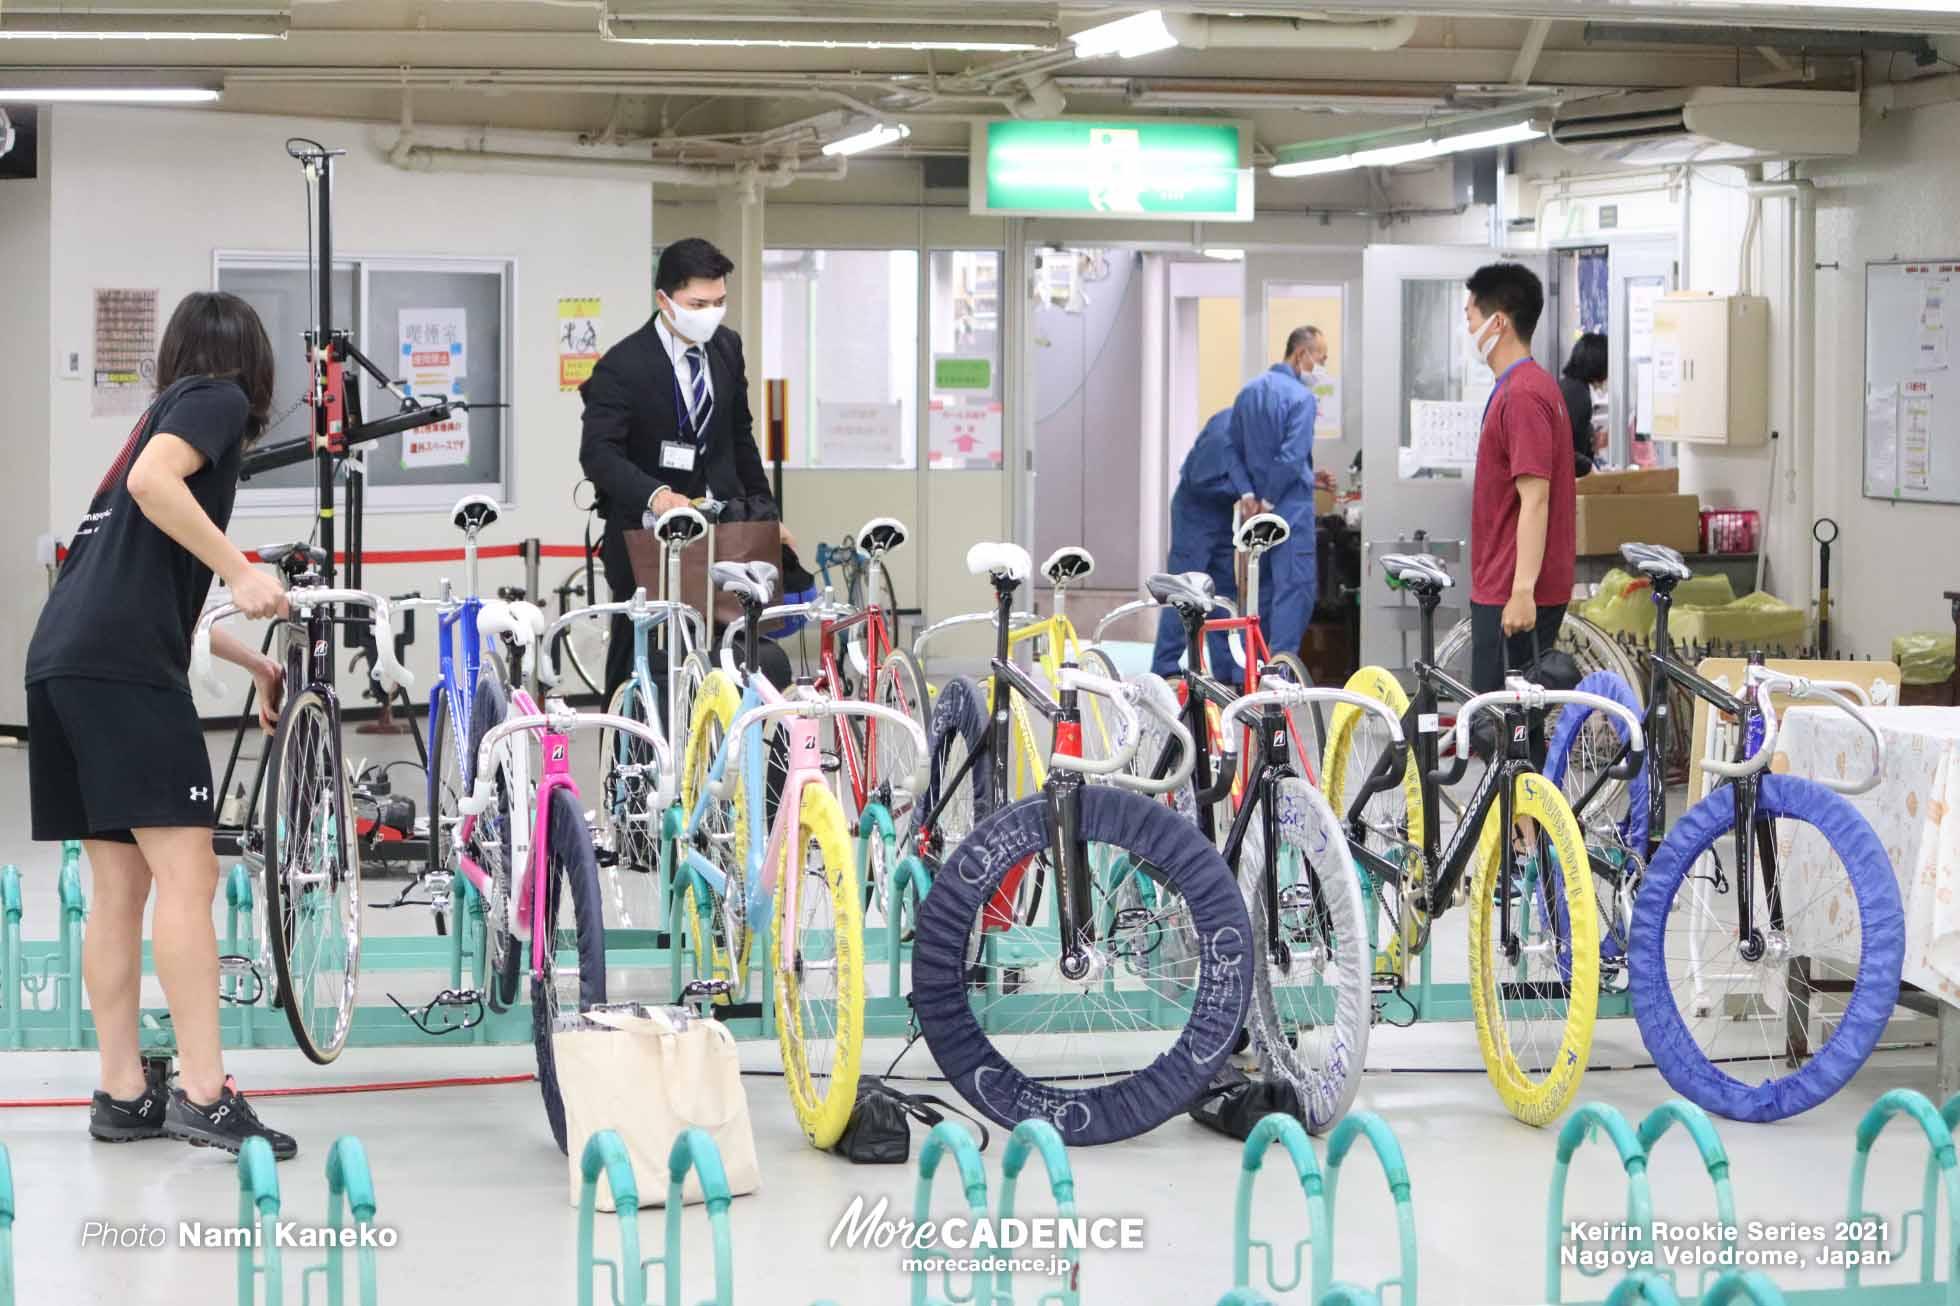 競輪ルーキーシリーズ2021, 名古屋競輪場